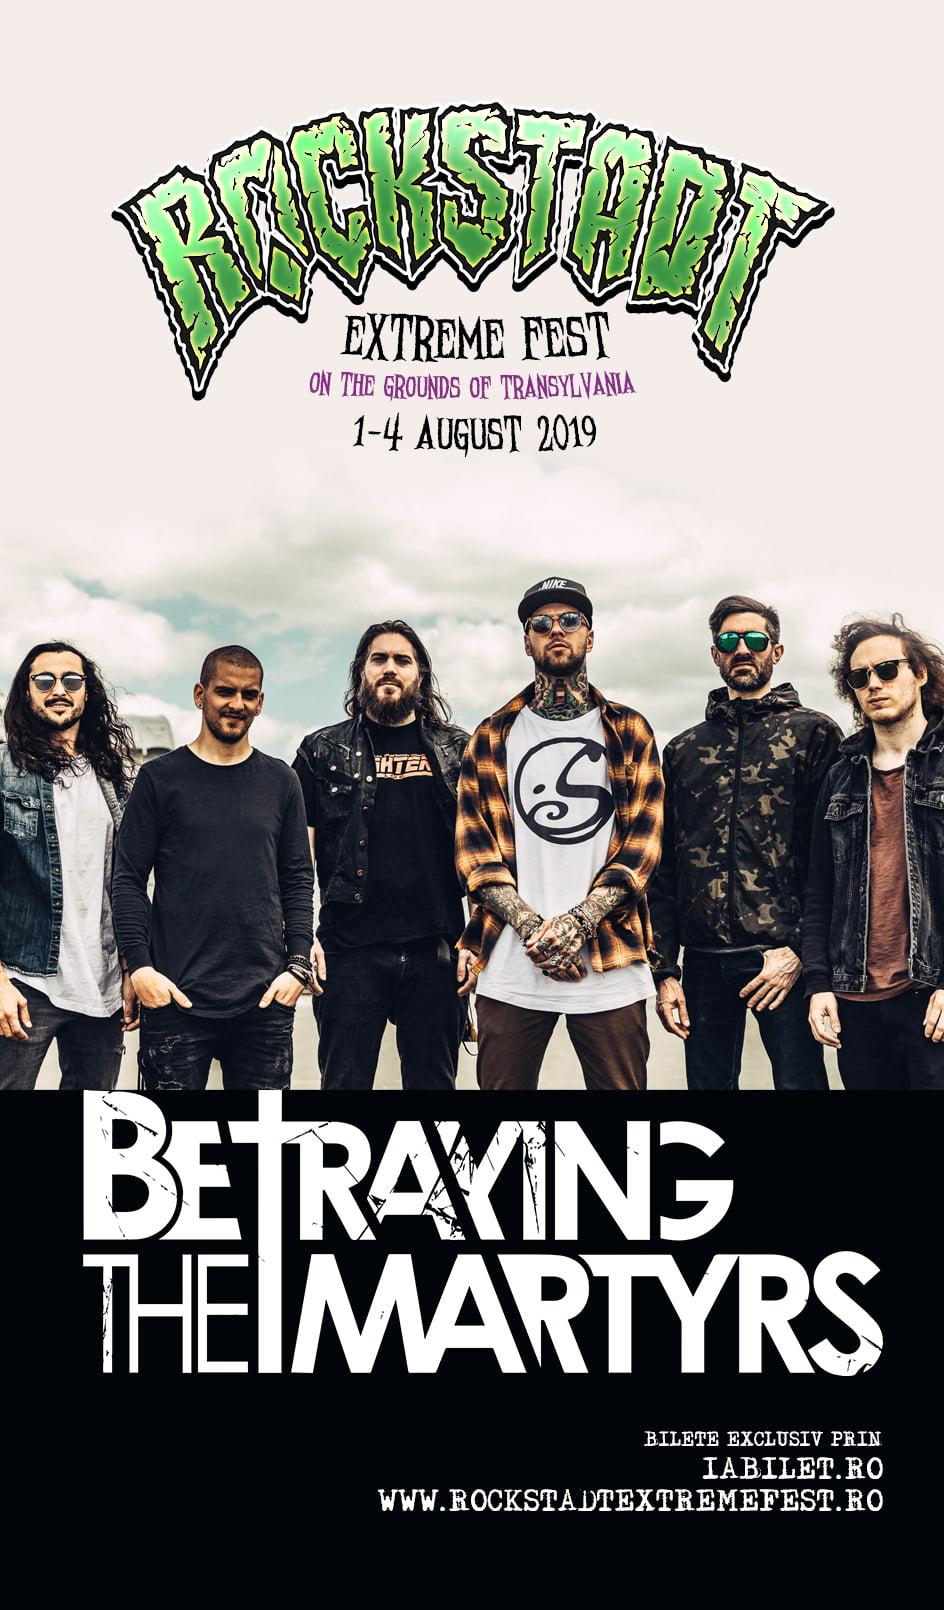 Metale extreme de la Paris la Rockstadt Extreme Fest 2019: Betraying the Martyrs